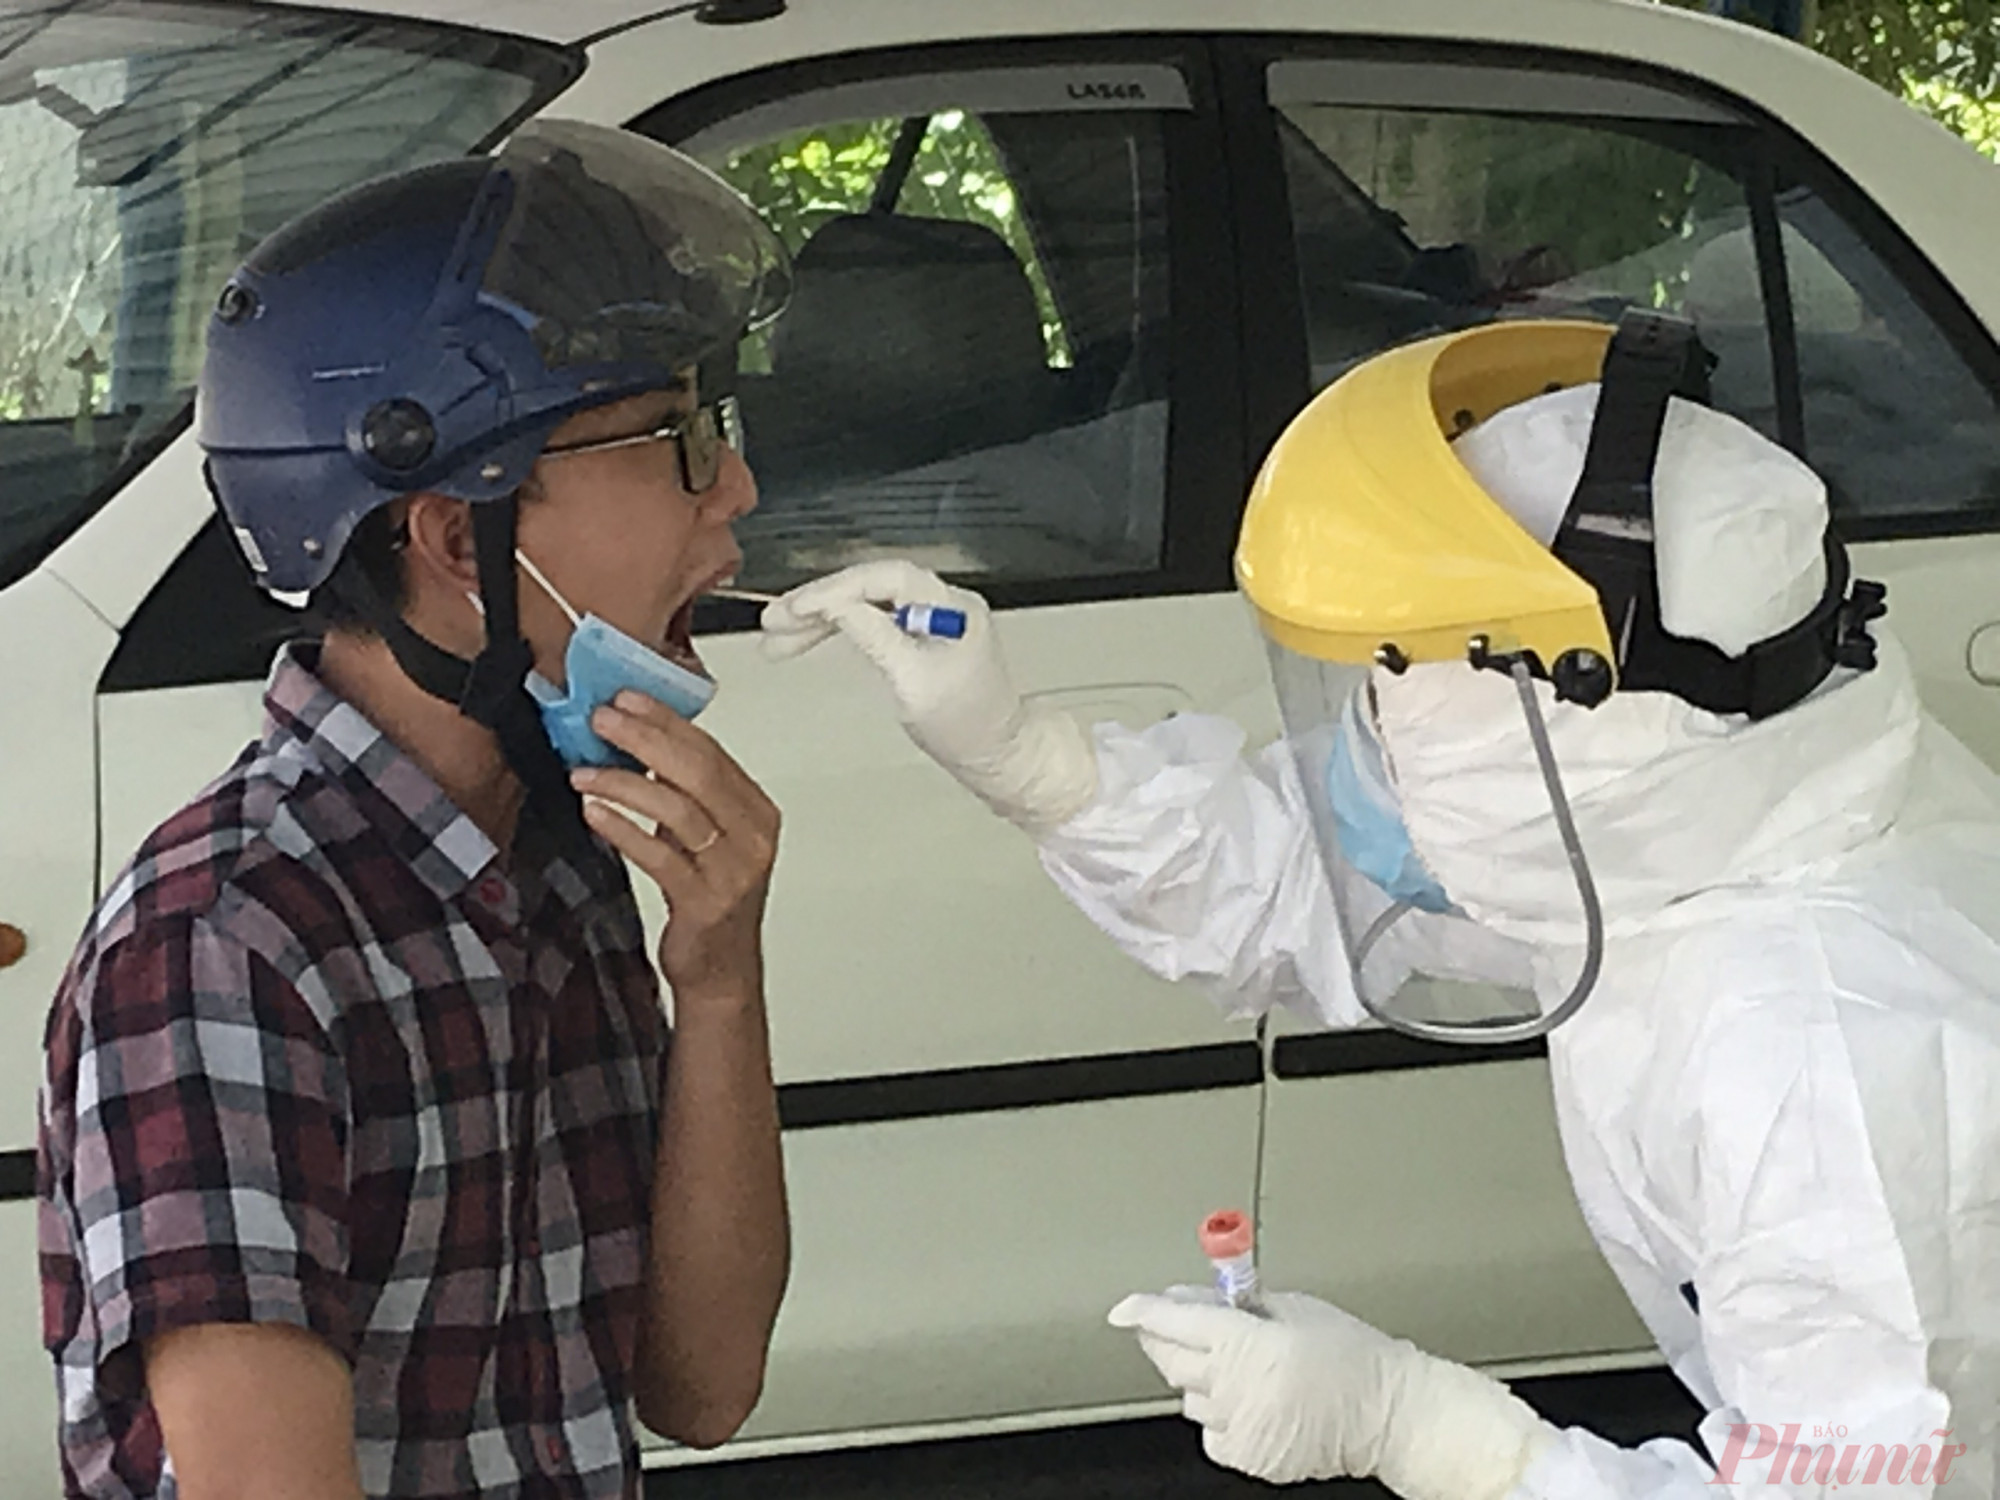 cầu người từ TP. Hồ Chí Minh về tỉnh  từ ngày 15 đến 30/5 phải đi khai báo y tế.